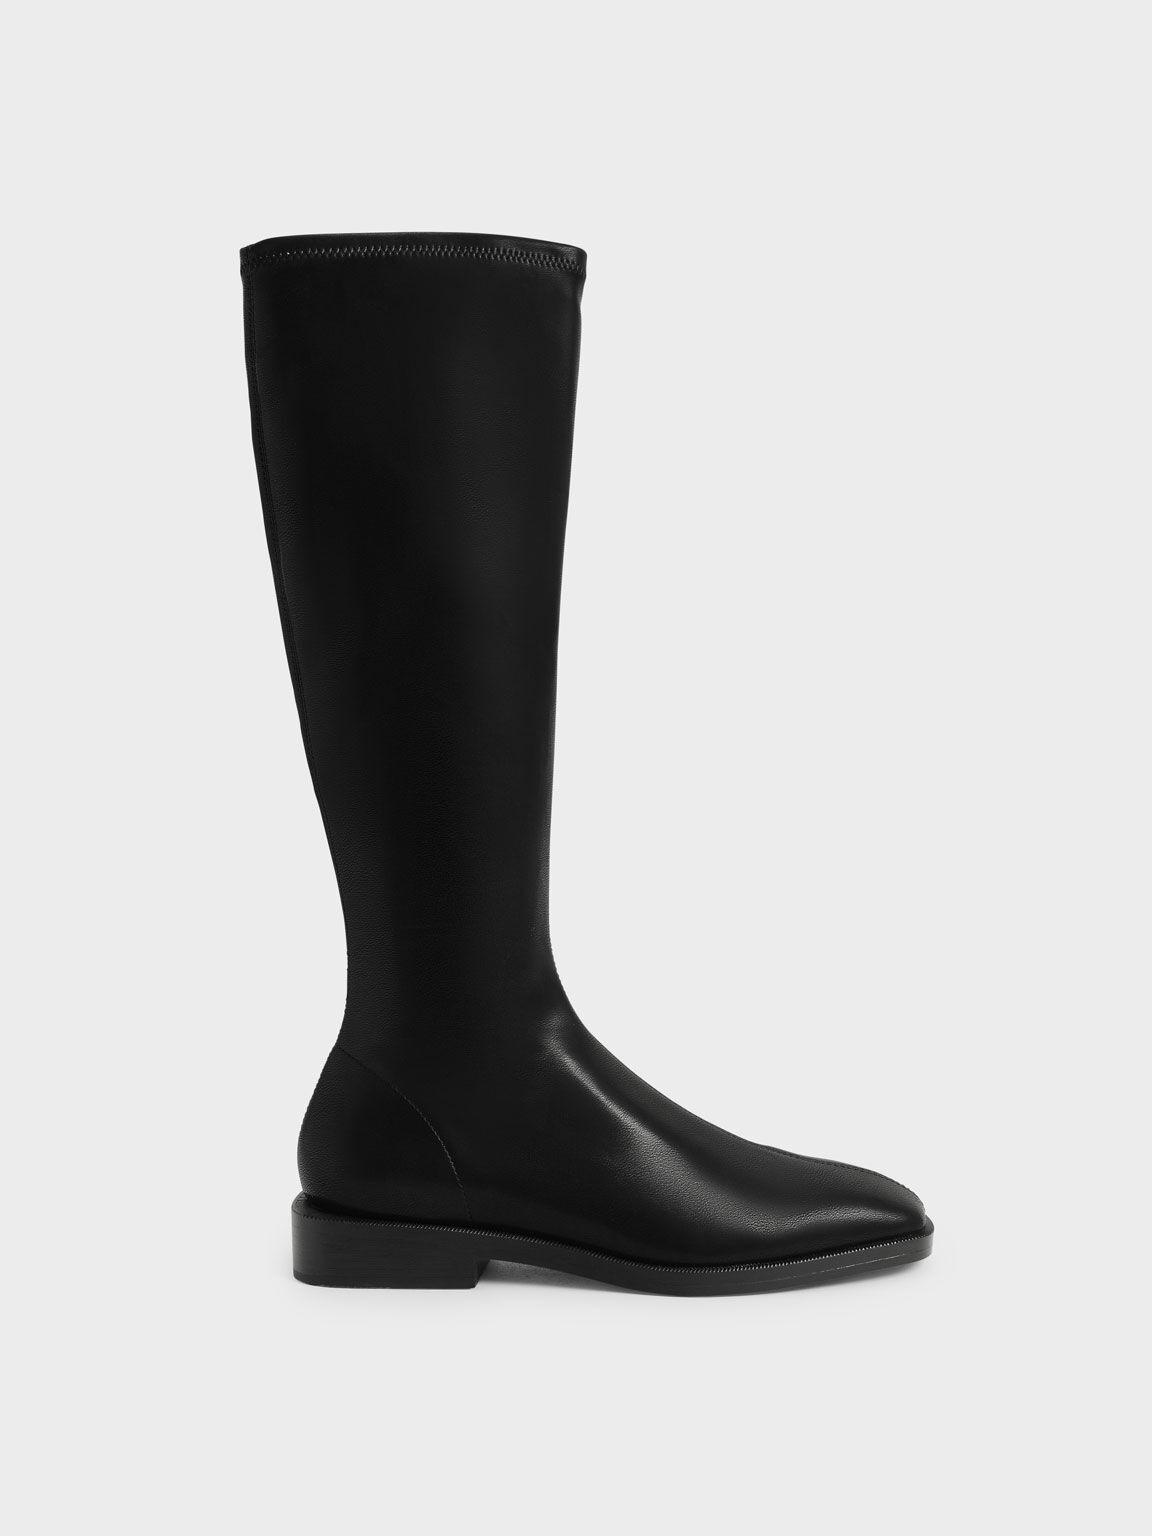 Knee High Flat Boots, Black, hi-res